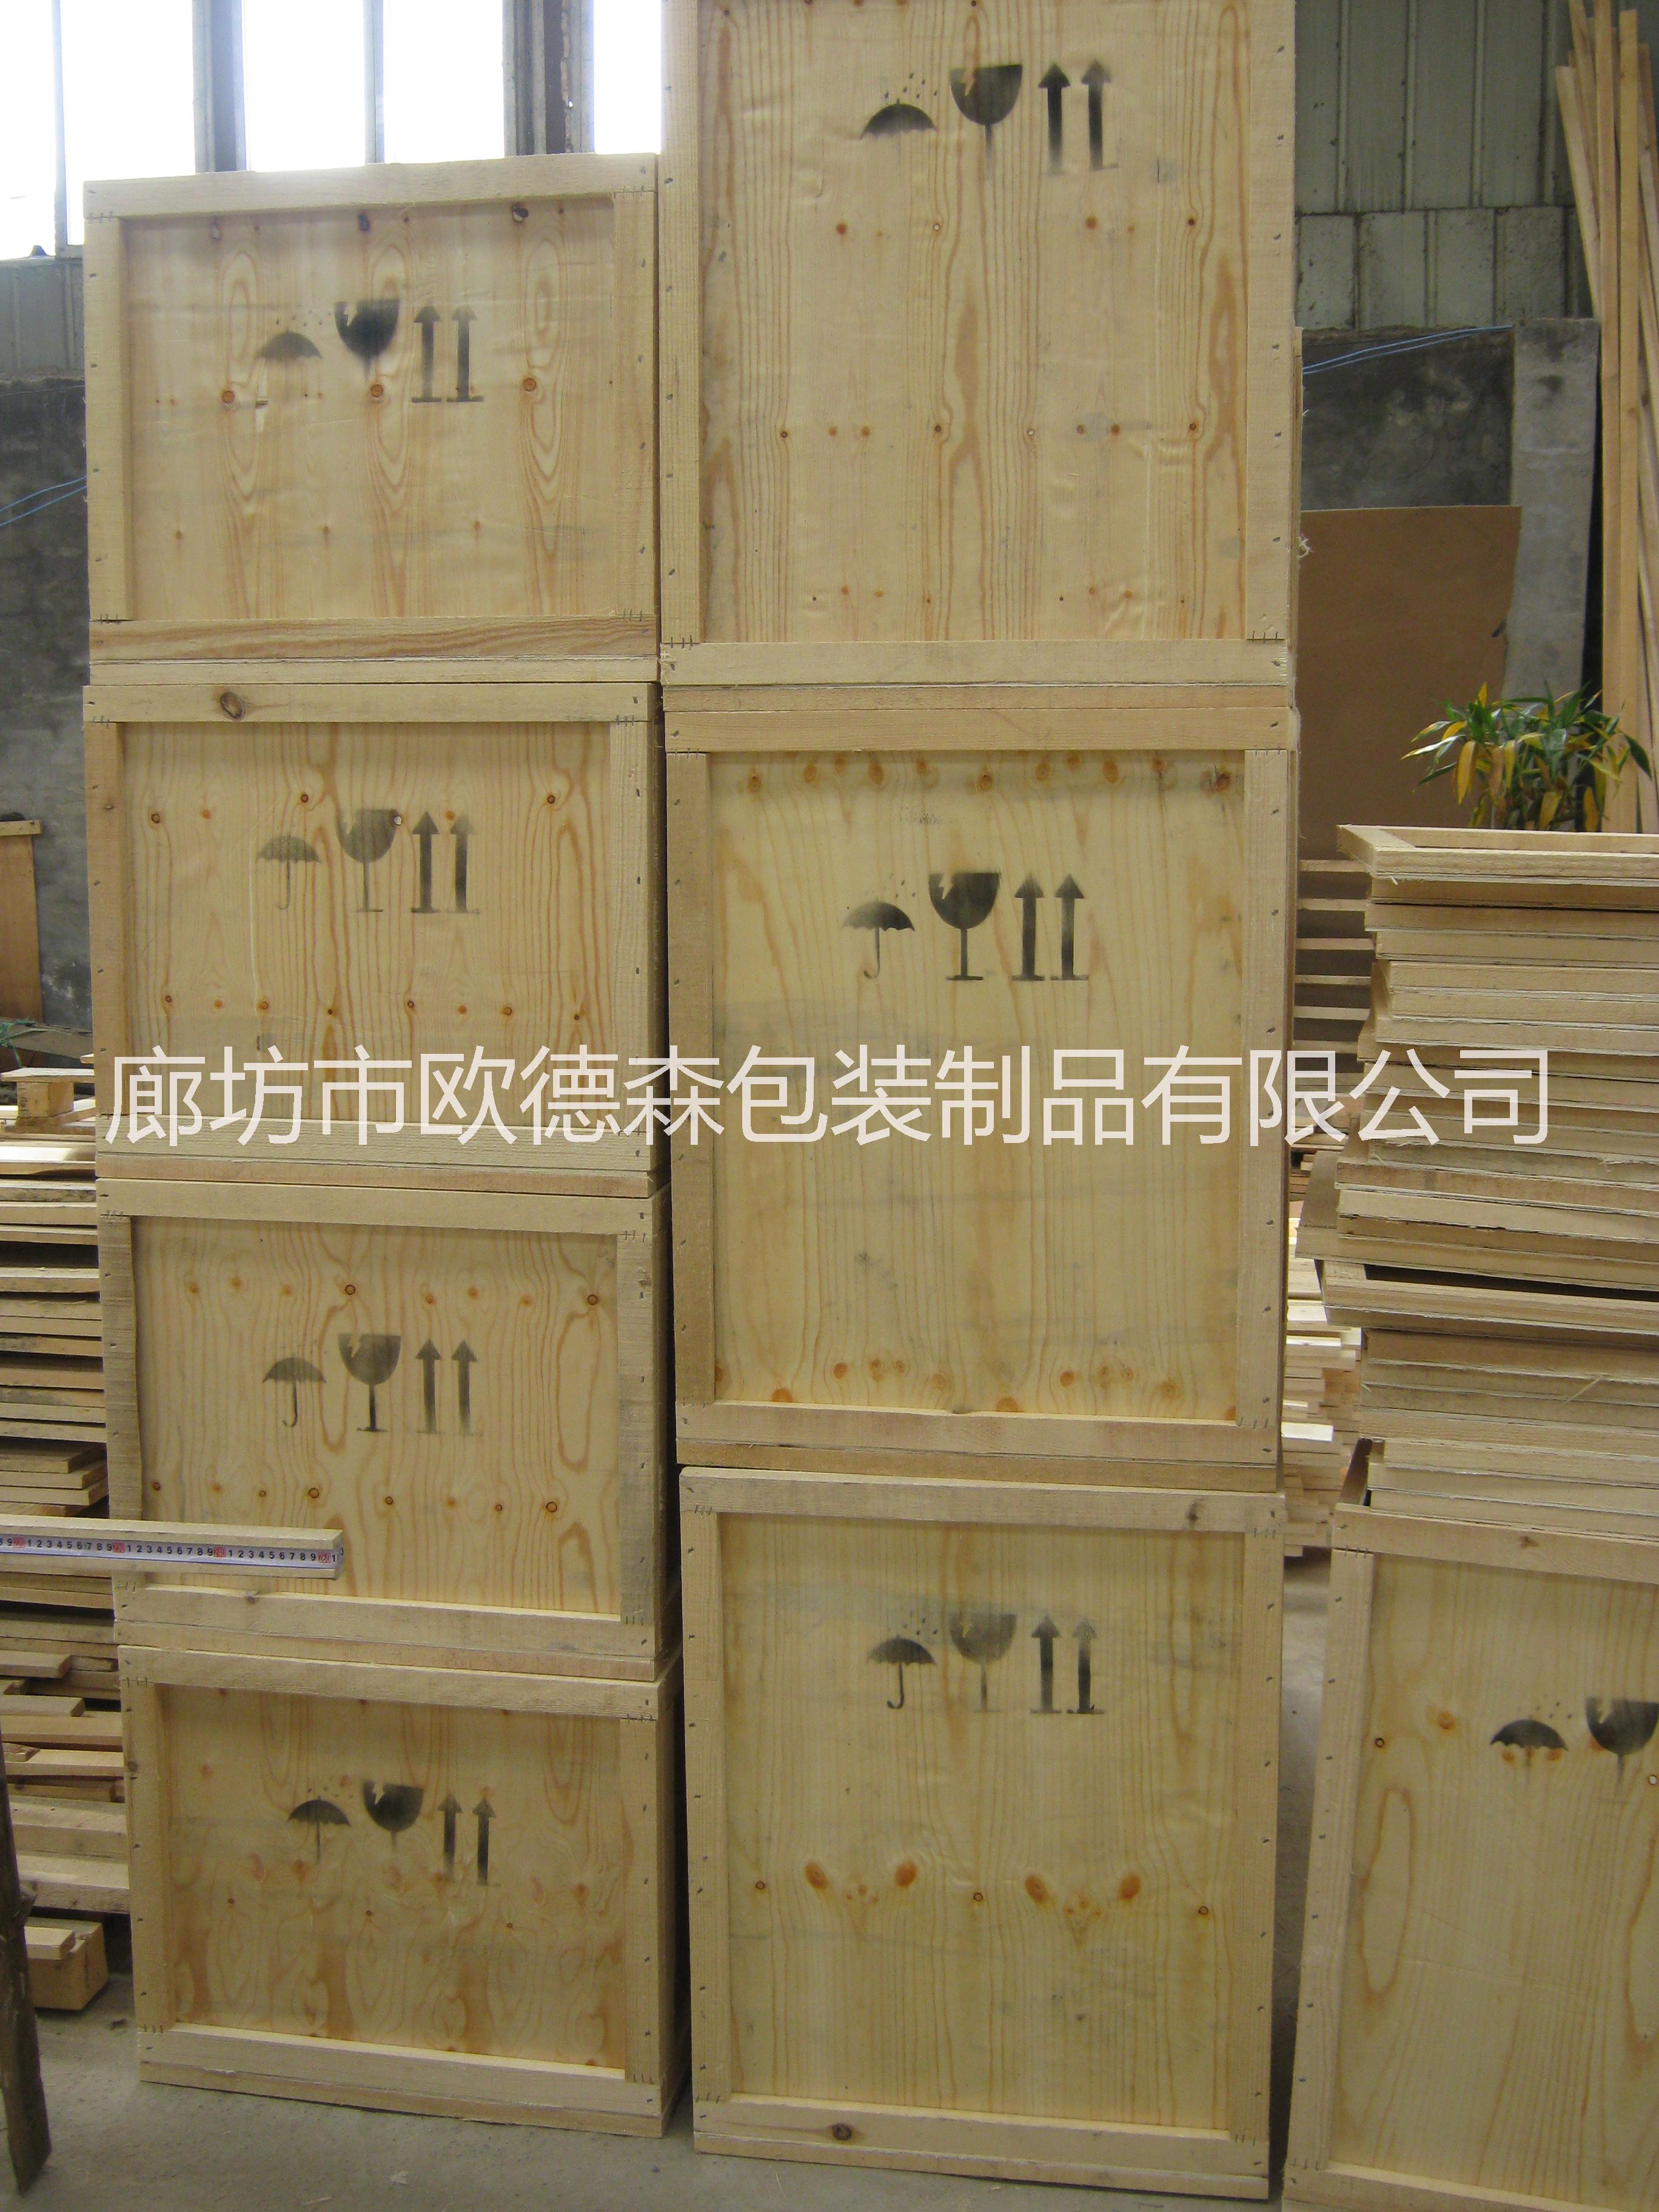 打木箱,木箱子,实木箱,廊坊木箱厂家长期供应。